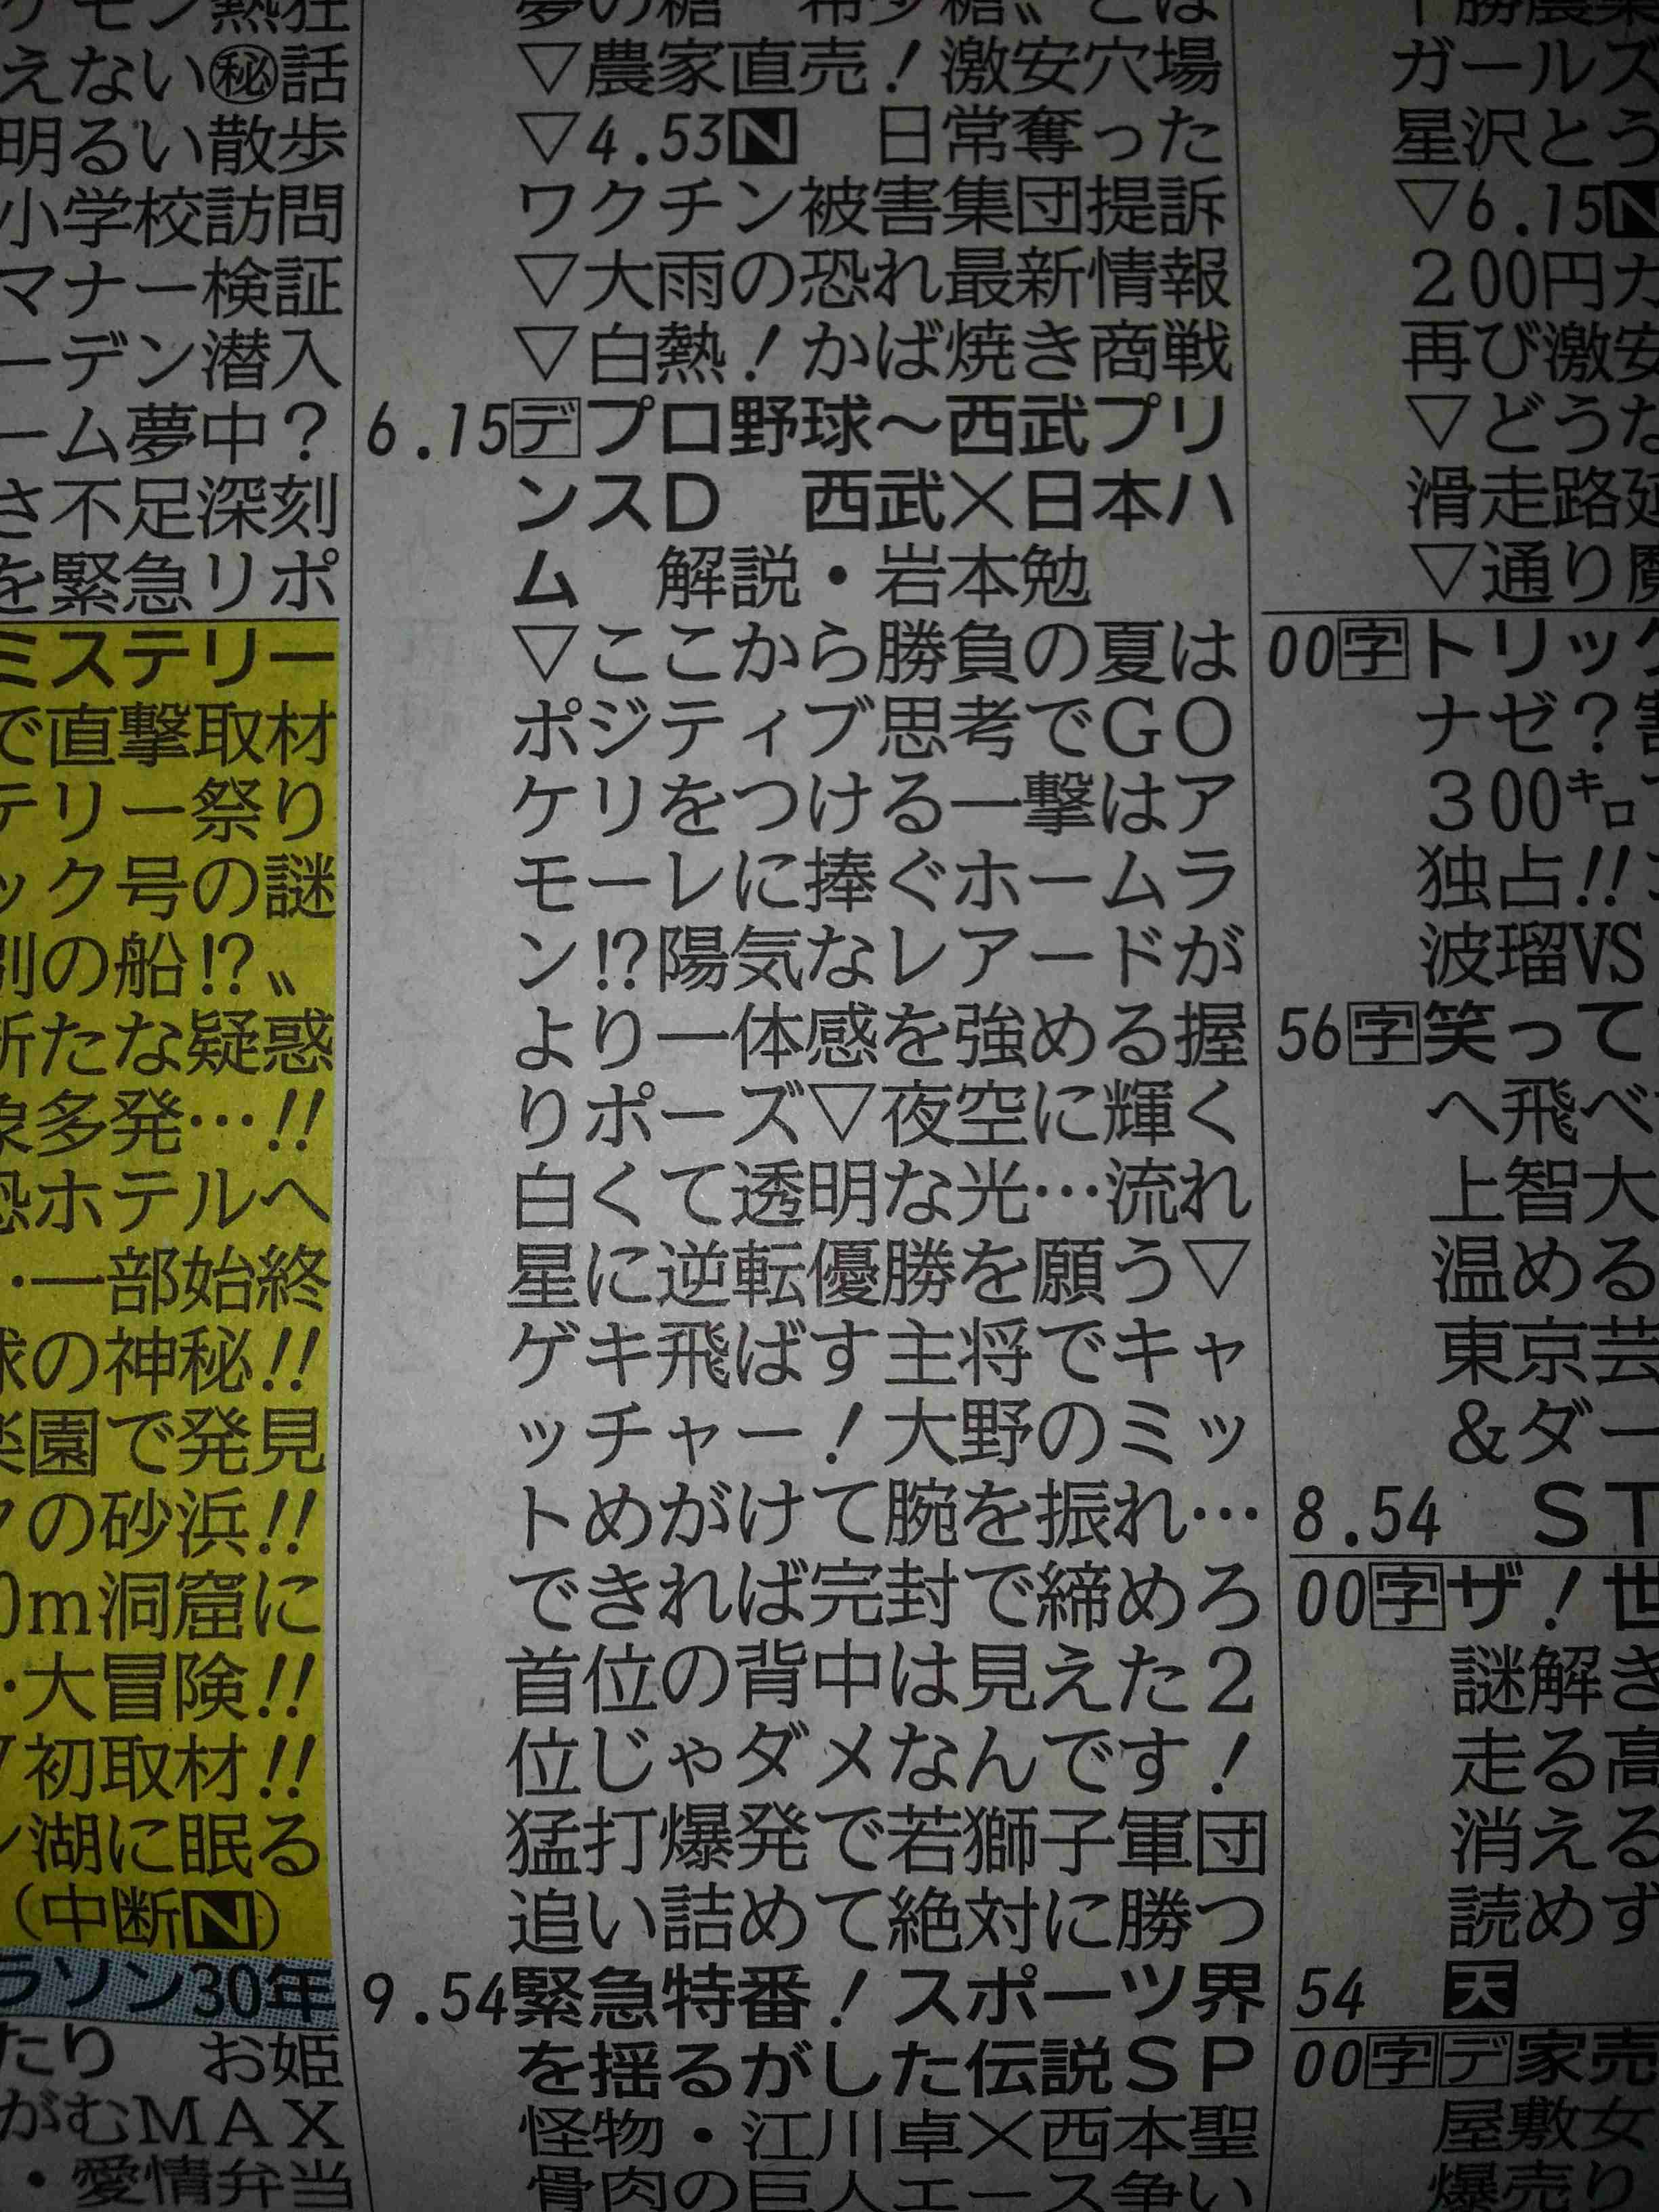 番組表などの【縦読み】を貼るトピ